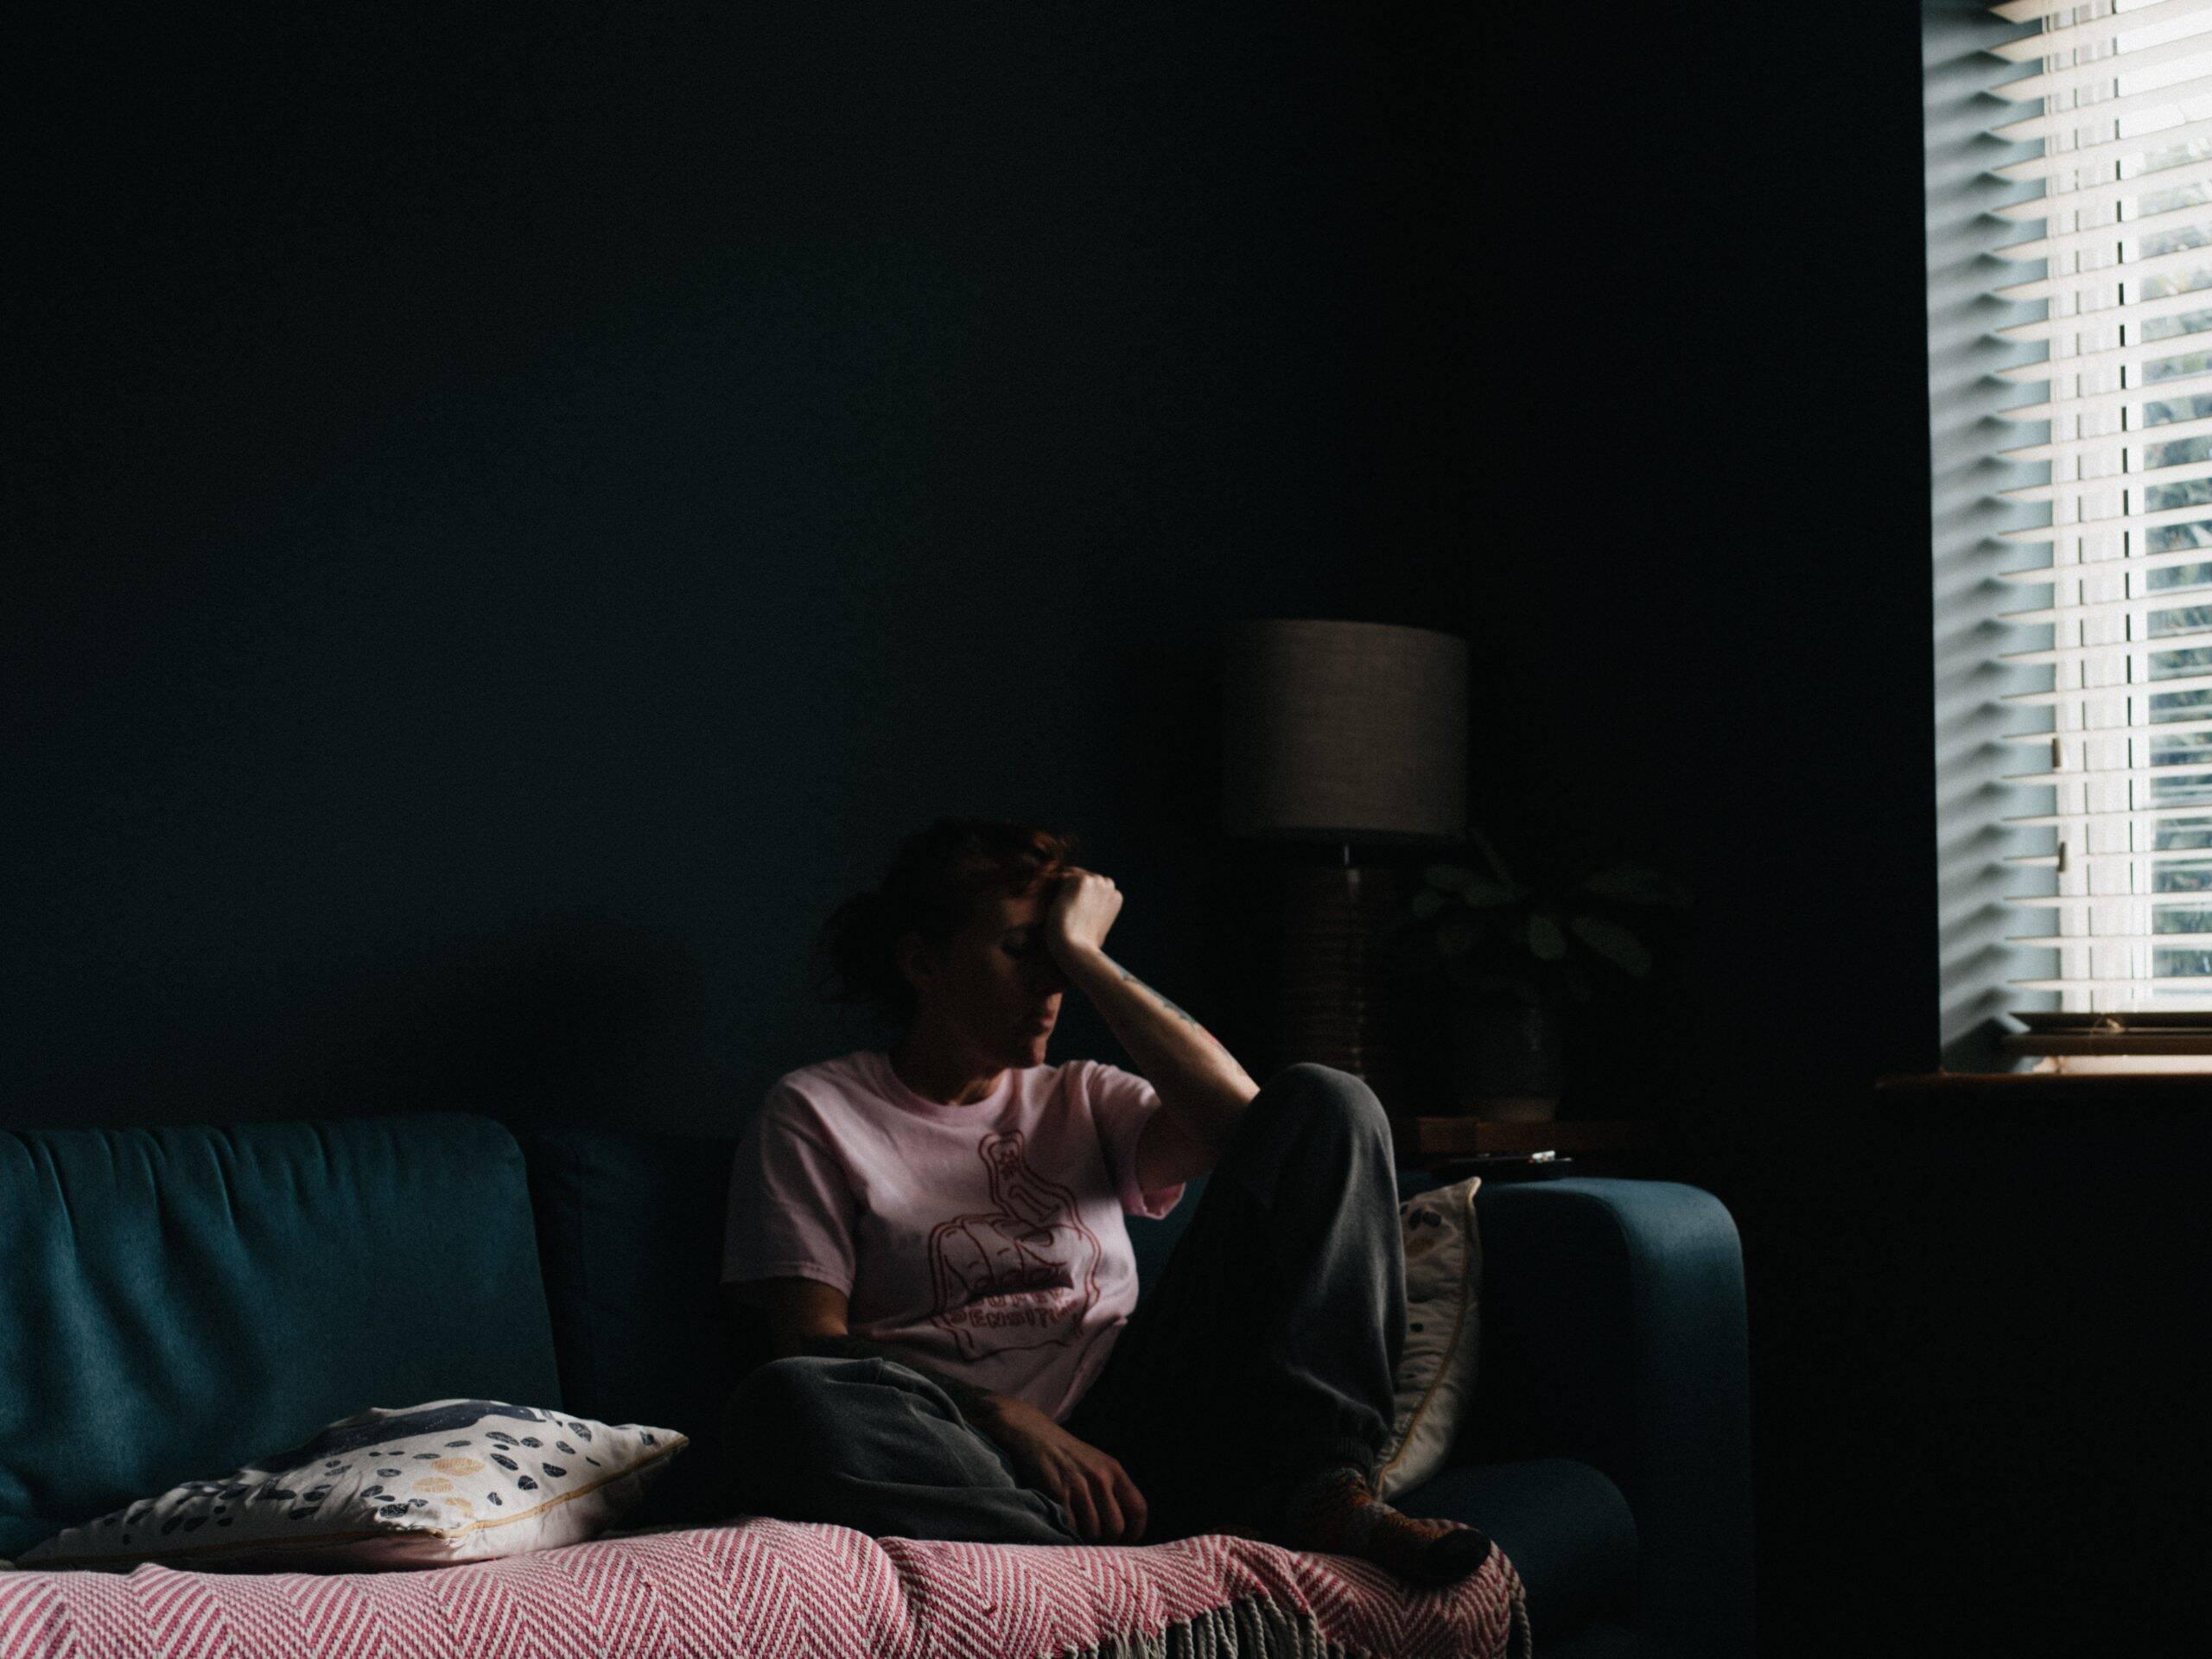 Os tratamentos para a doença são semelhantes ao do Covid-19 e incluem isolamento e oxigênio se for necessário. (Foto: Unsplash)